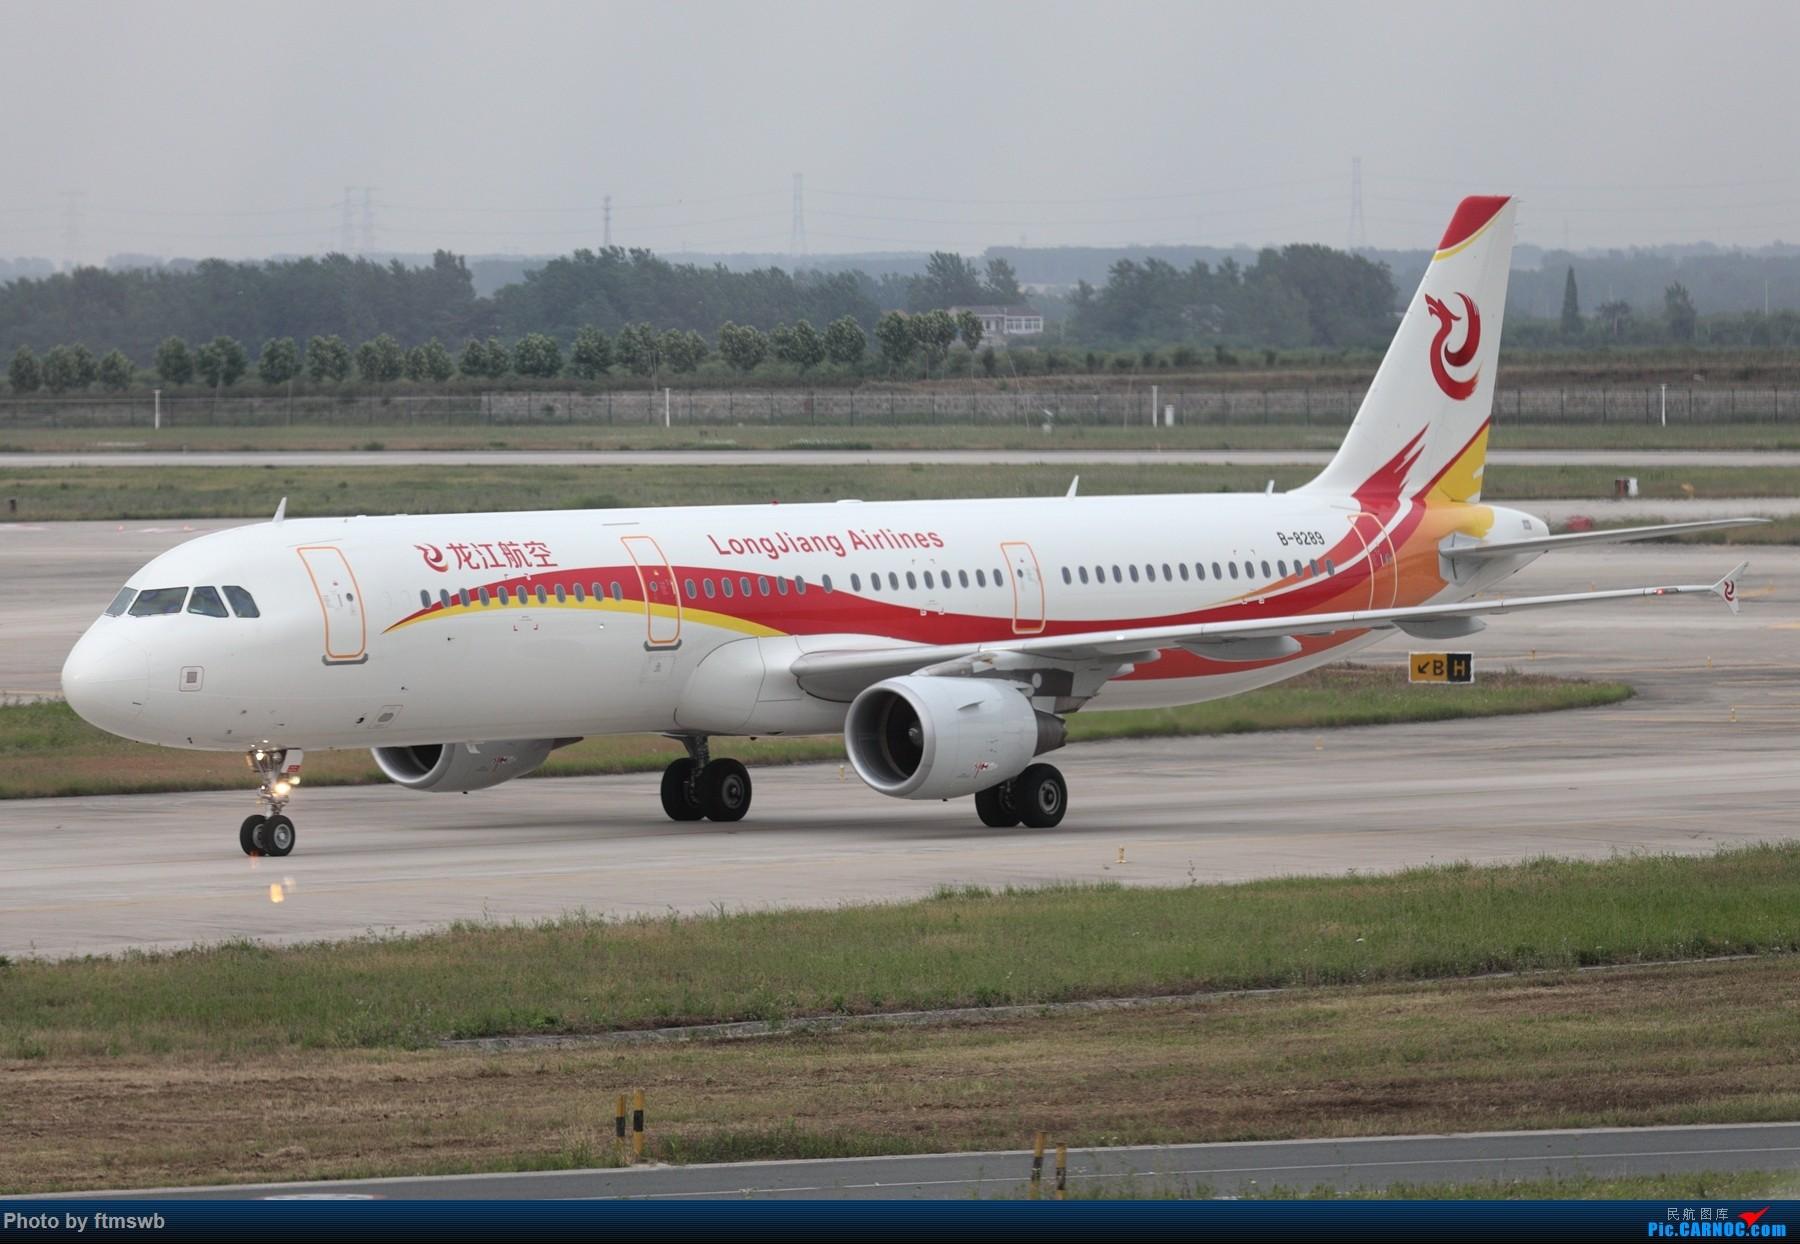 [原创]龙江航空A321 AIRBUS A321-200 B-8289 合肥新桥国际机场